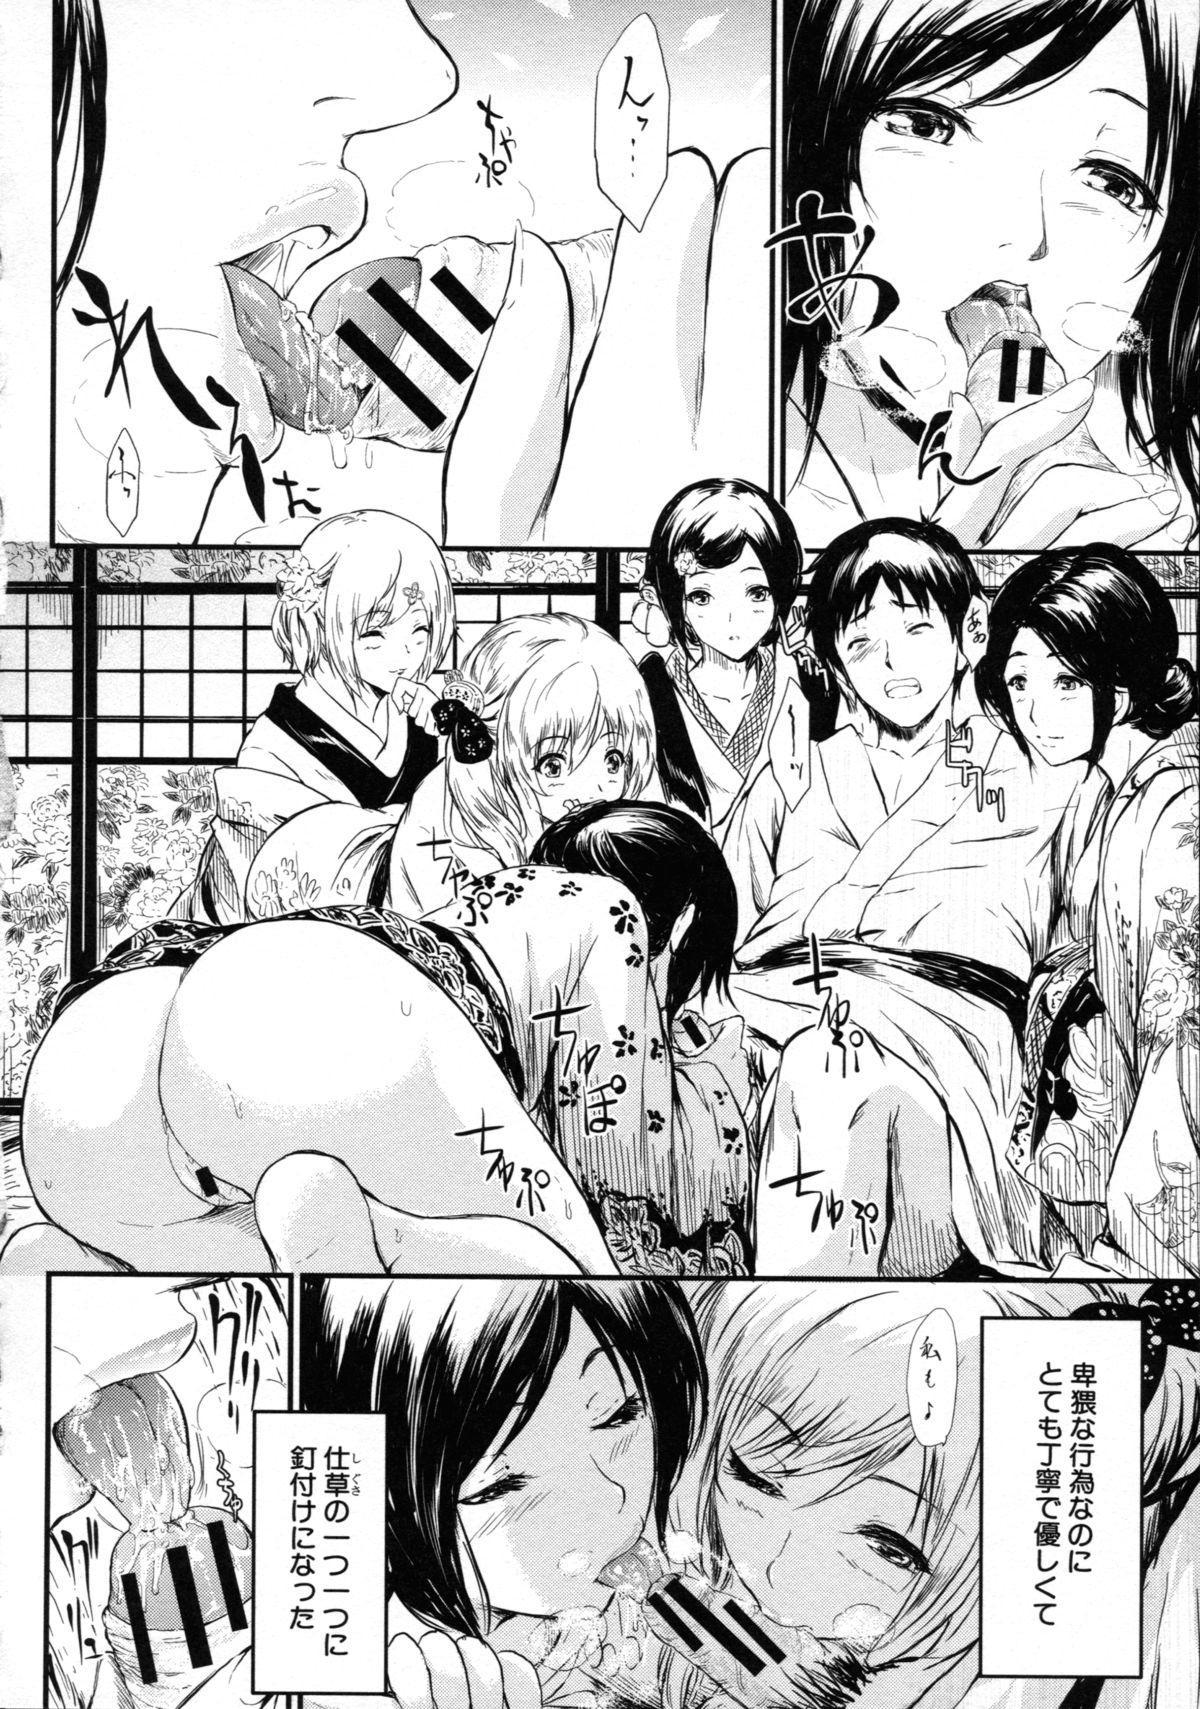 [Shiki Takuto] Tokoharu no Shoujo-tachi - The Girls in the Eternal Spring 35